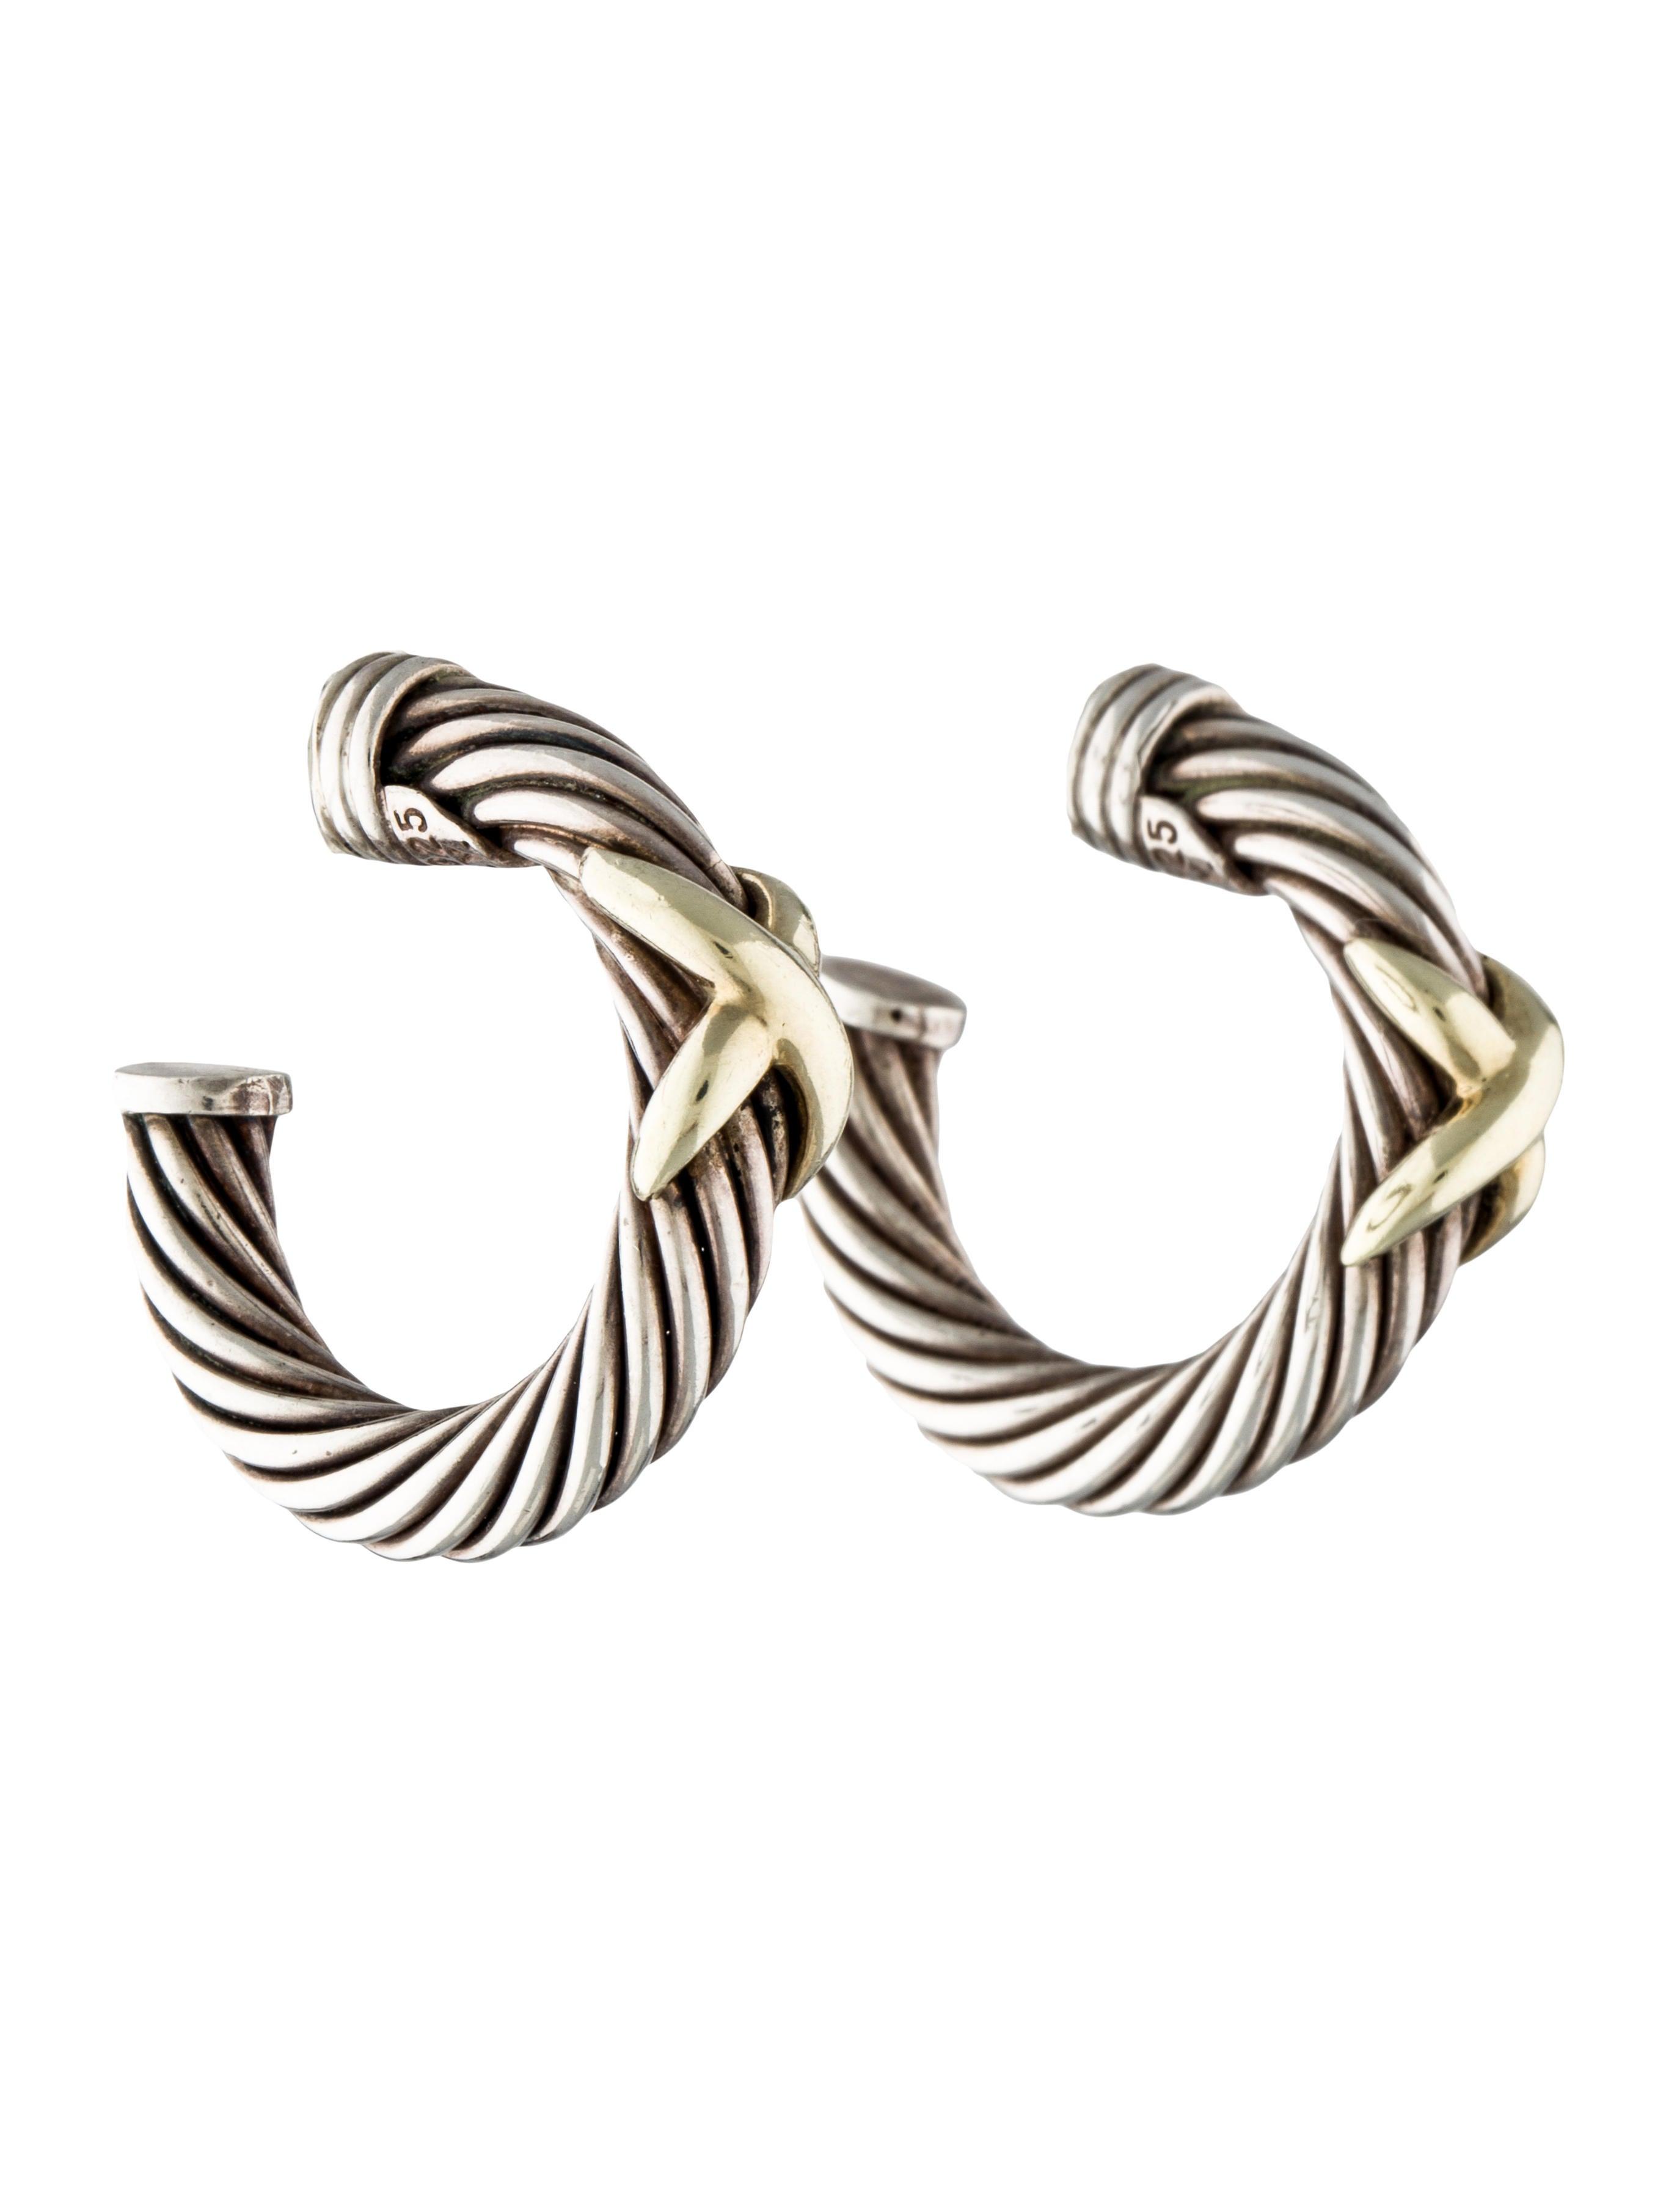 david yurman cable x hoop earrings earrings dvy29737